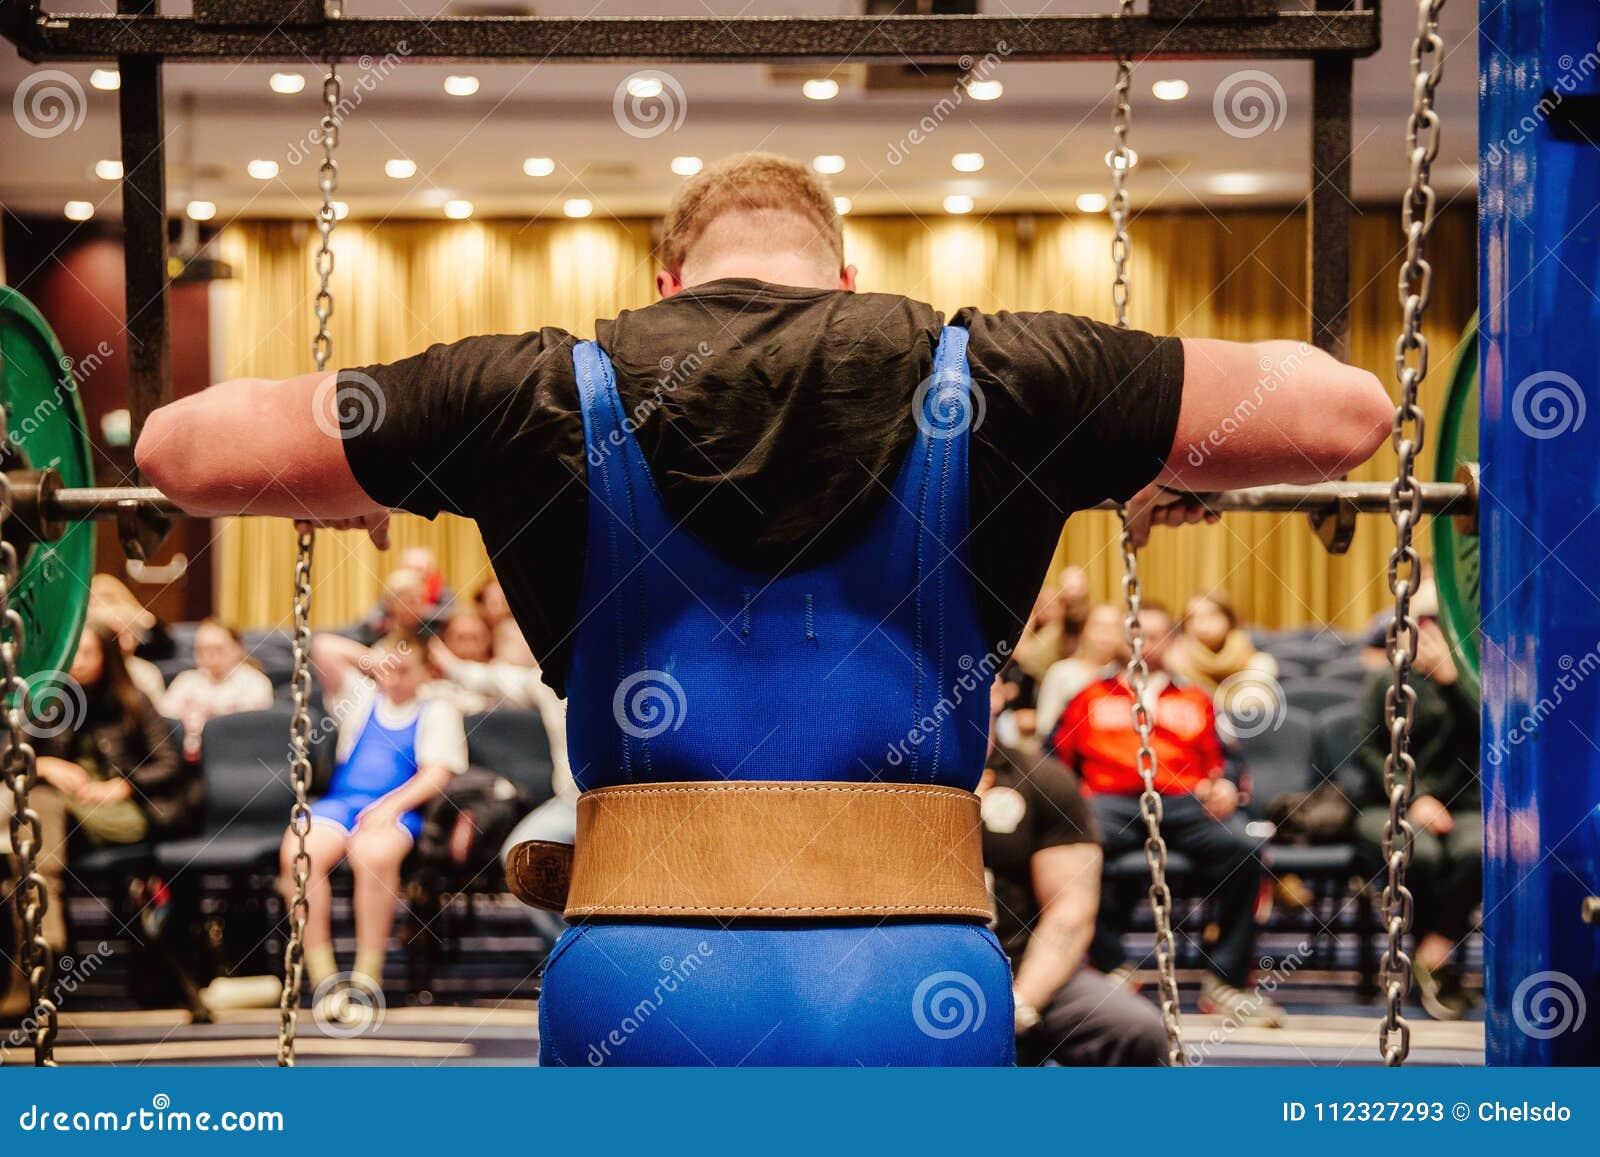 Back powerlifter in belt